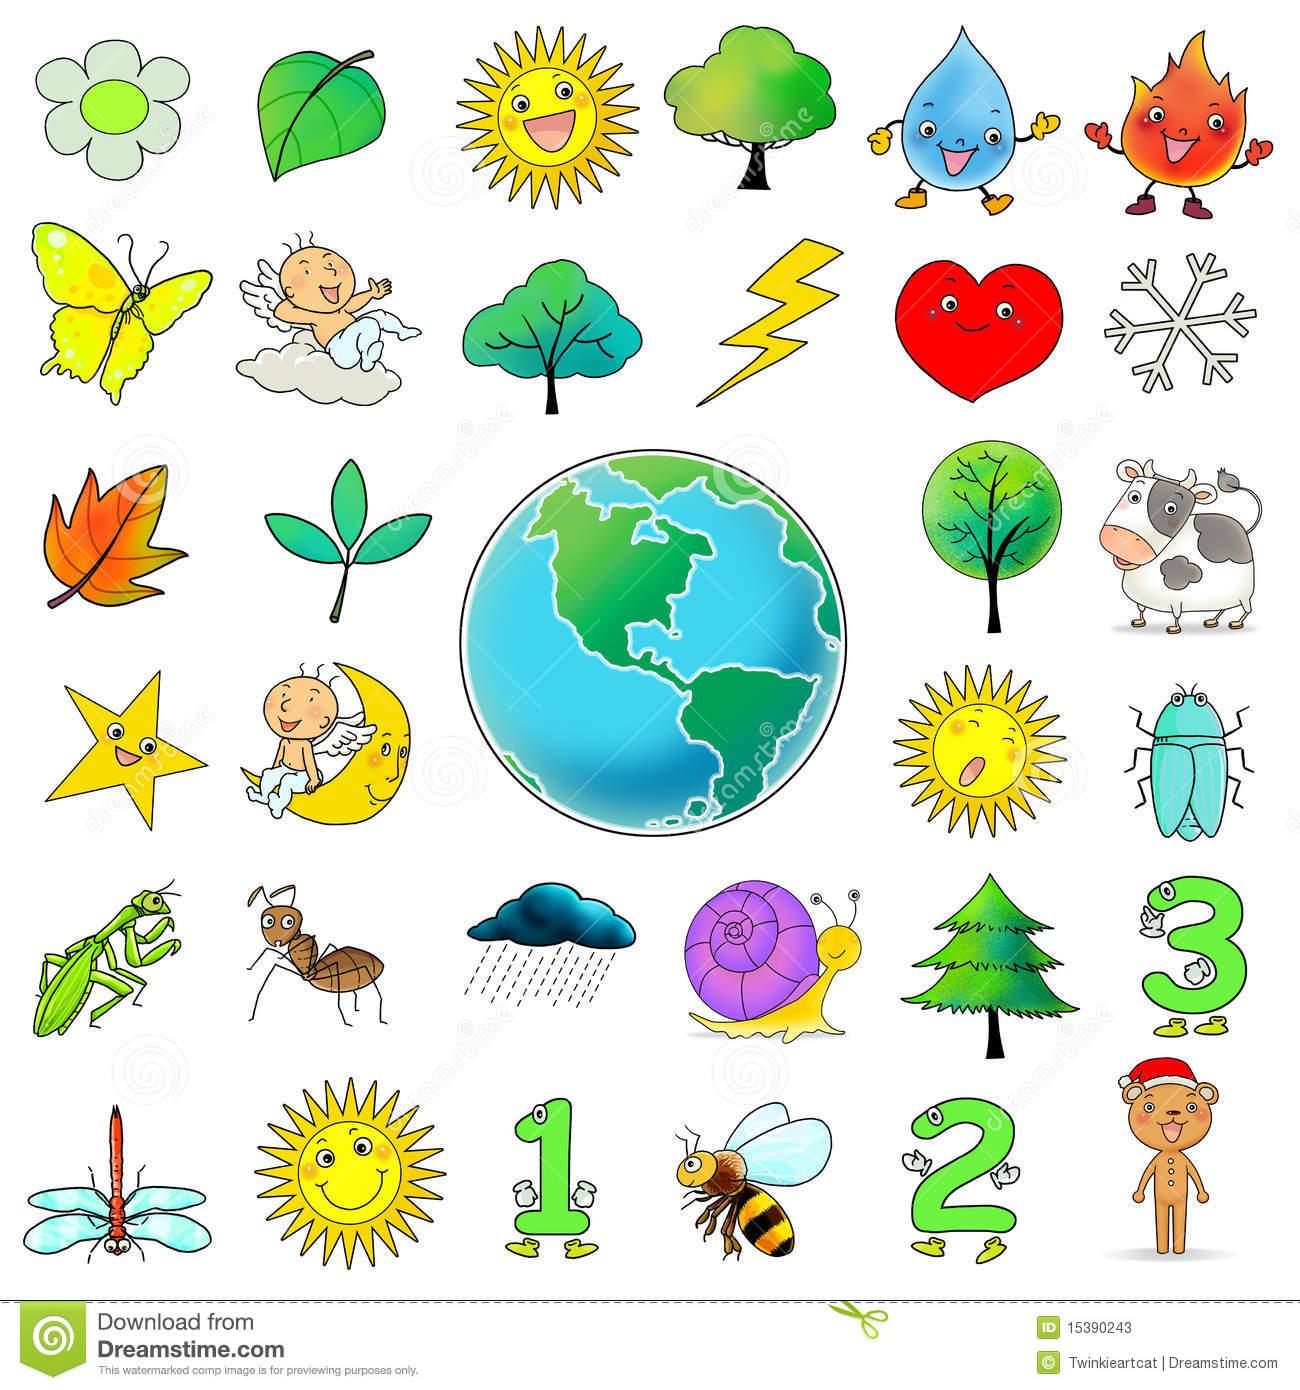 33 cartoon icon clip art collection-33 cartoon icon clip art collection-9